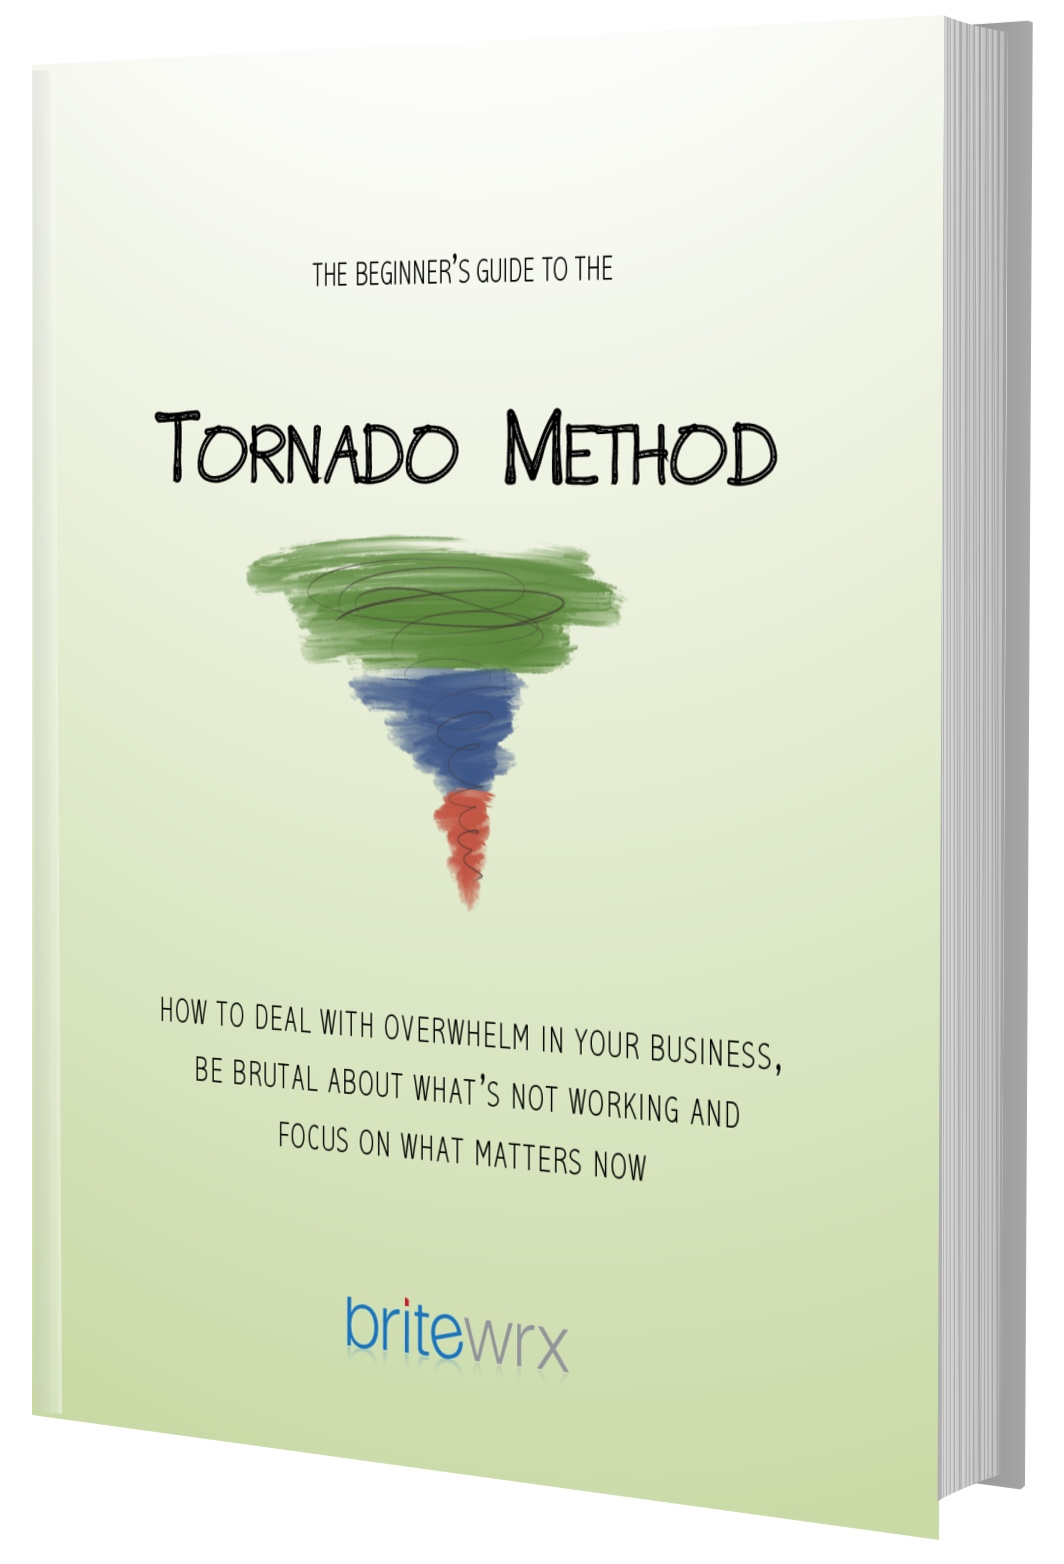 Beginners+Guide+to+the+Tornado+Method.jpg